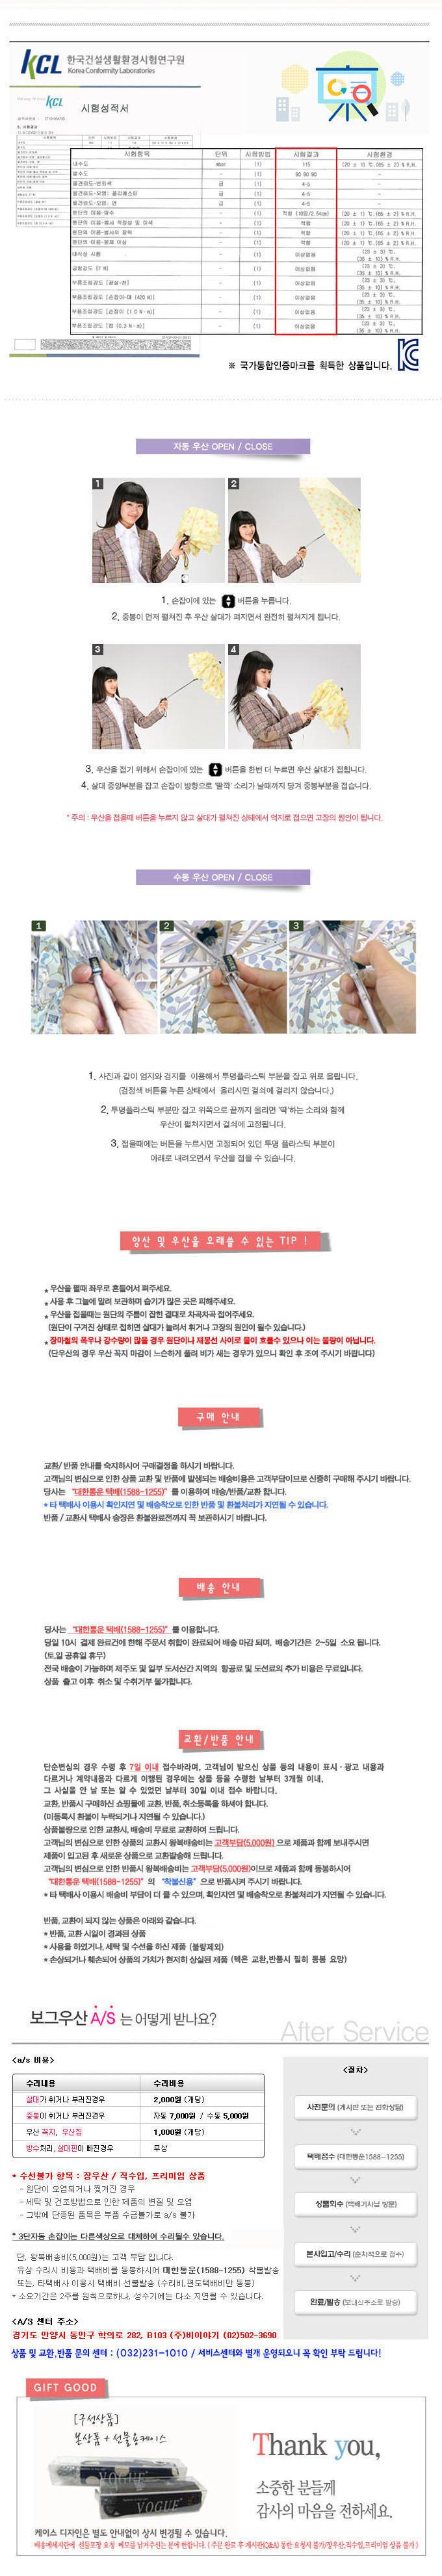 보그 3단 자동 우산(양산겸용) - 스트라이프브라운 - 보그01, 25,200원, 우산, 자동3단/5단우산